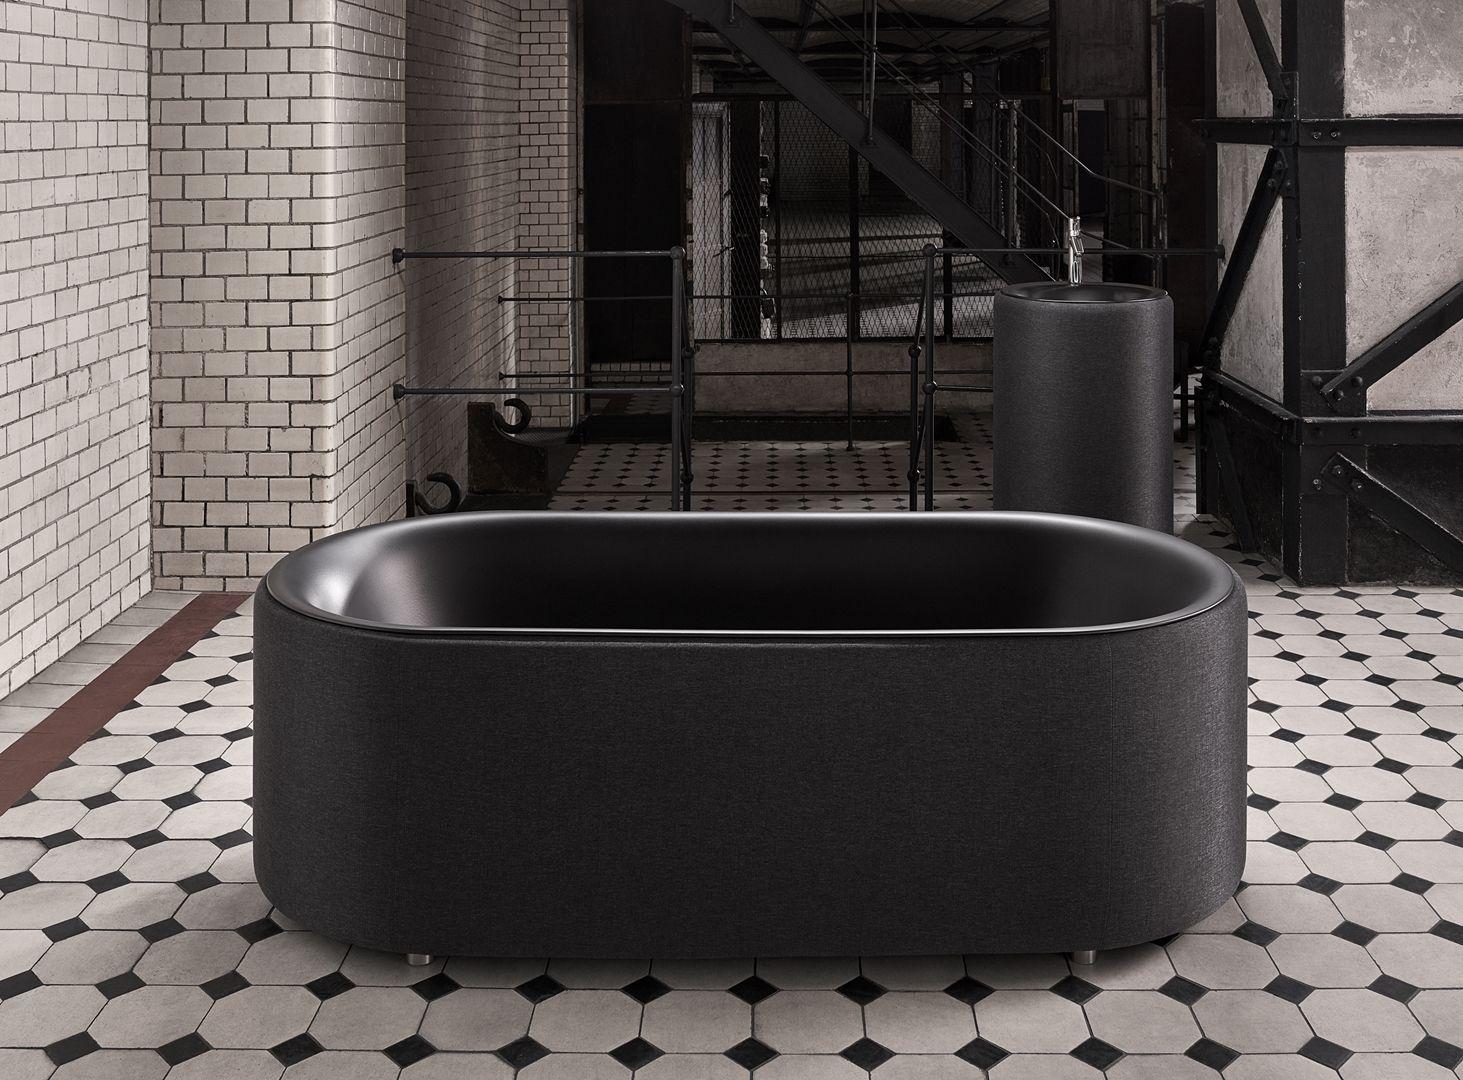 Bette Lux Oval Couture Badkamer Ontwerp Vrijstaande Badkuip Badkamer Inspiratie